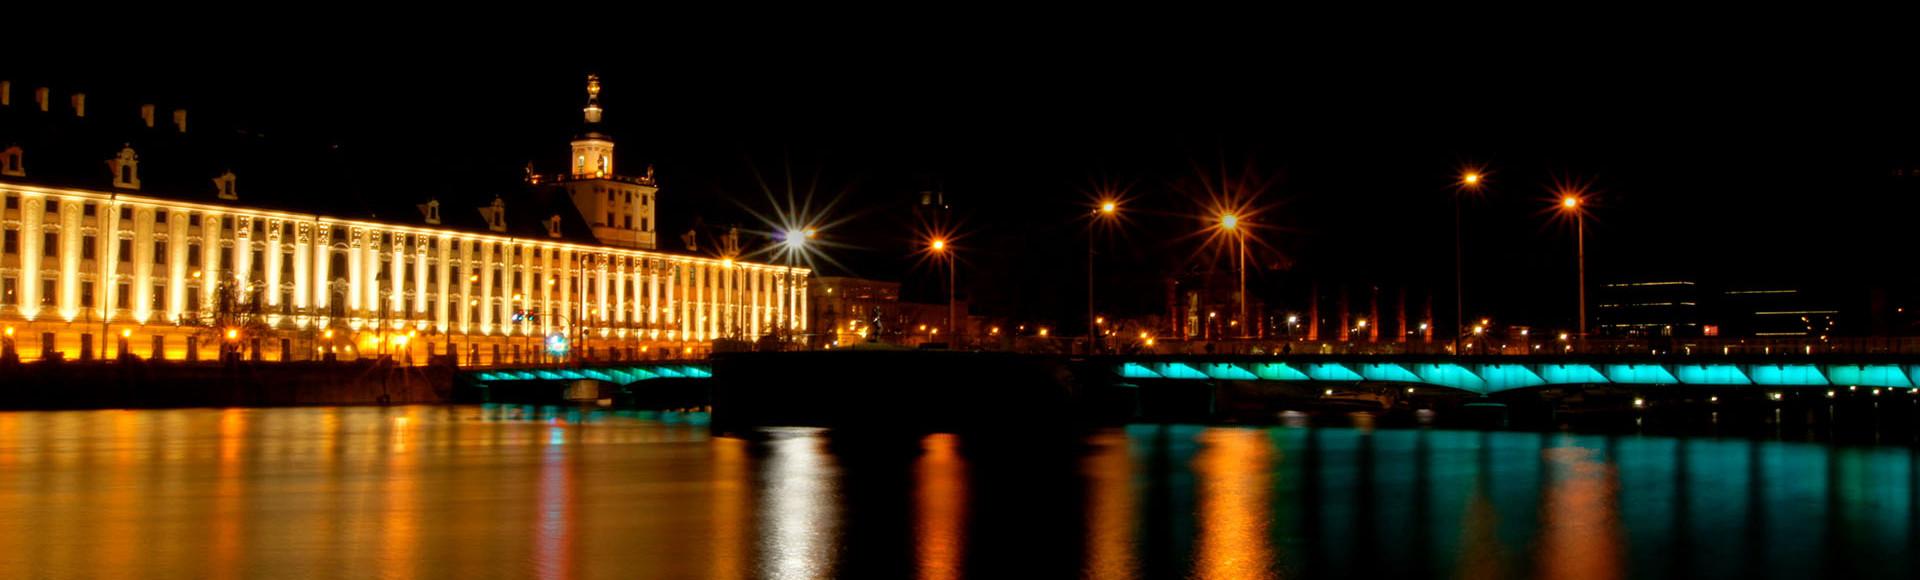 Uniwersytet Wrocławski nocą, widok z wyspy Słodowej